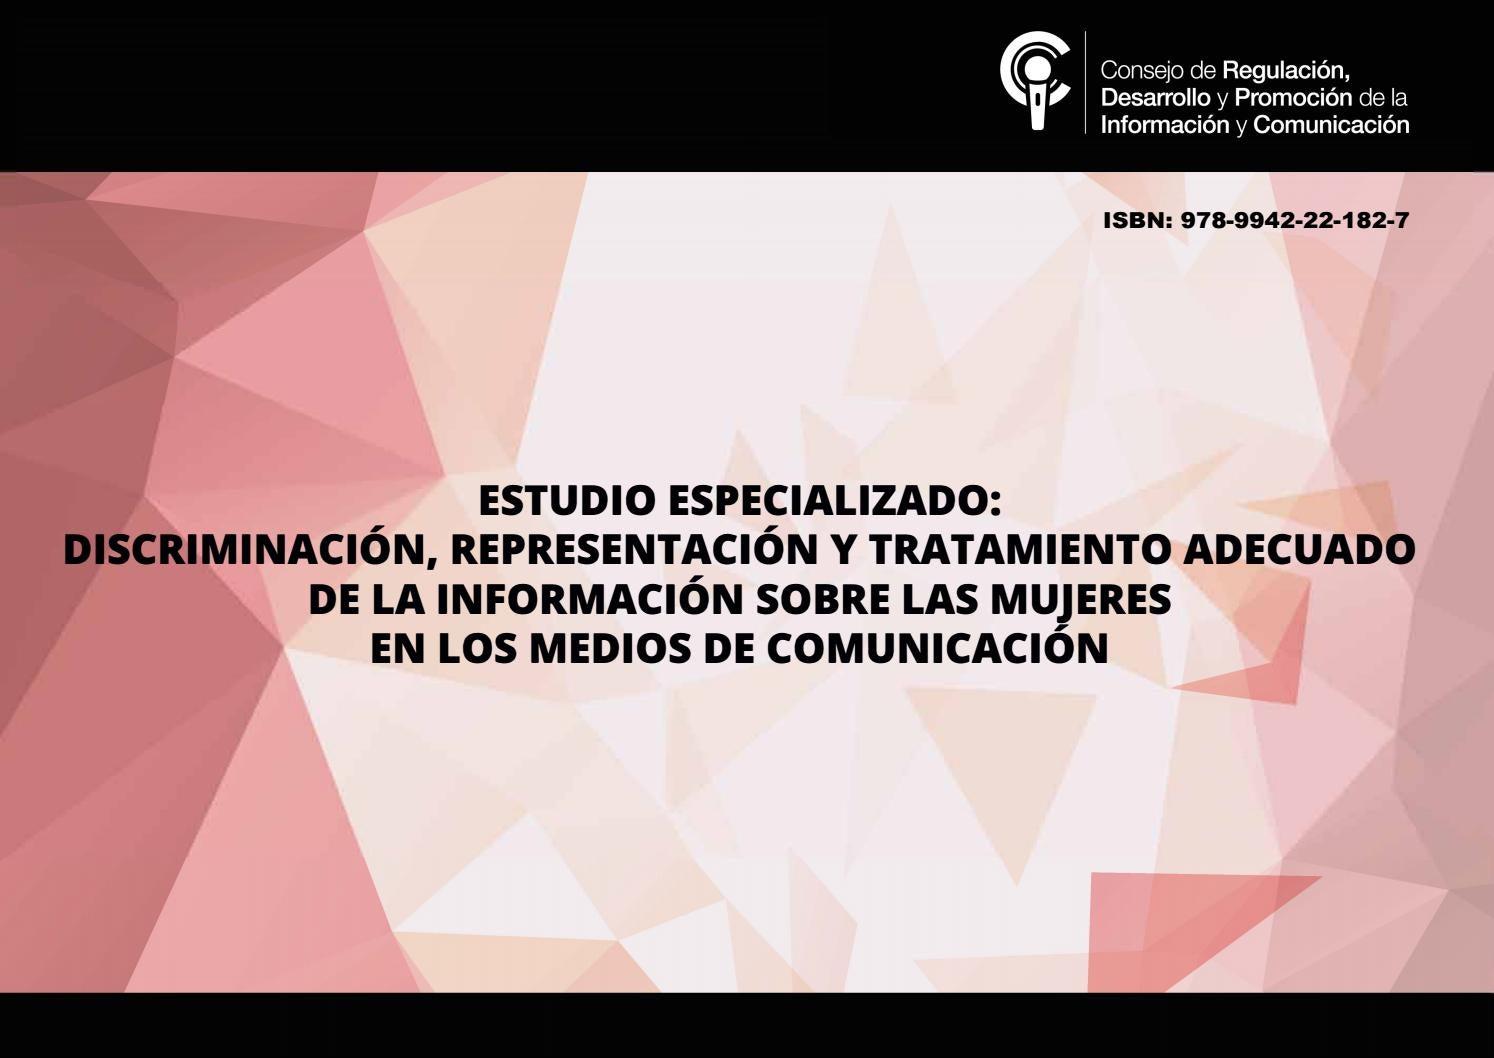 Ayuda A Mujeres Solteras - 687748